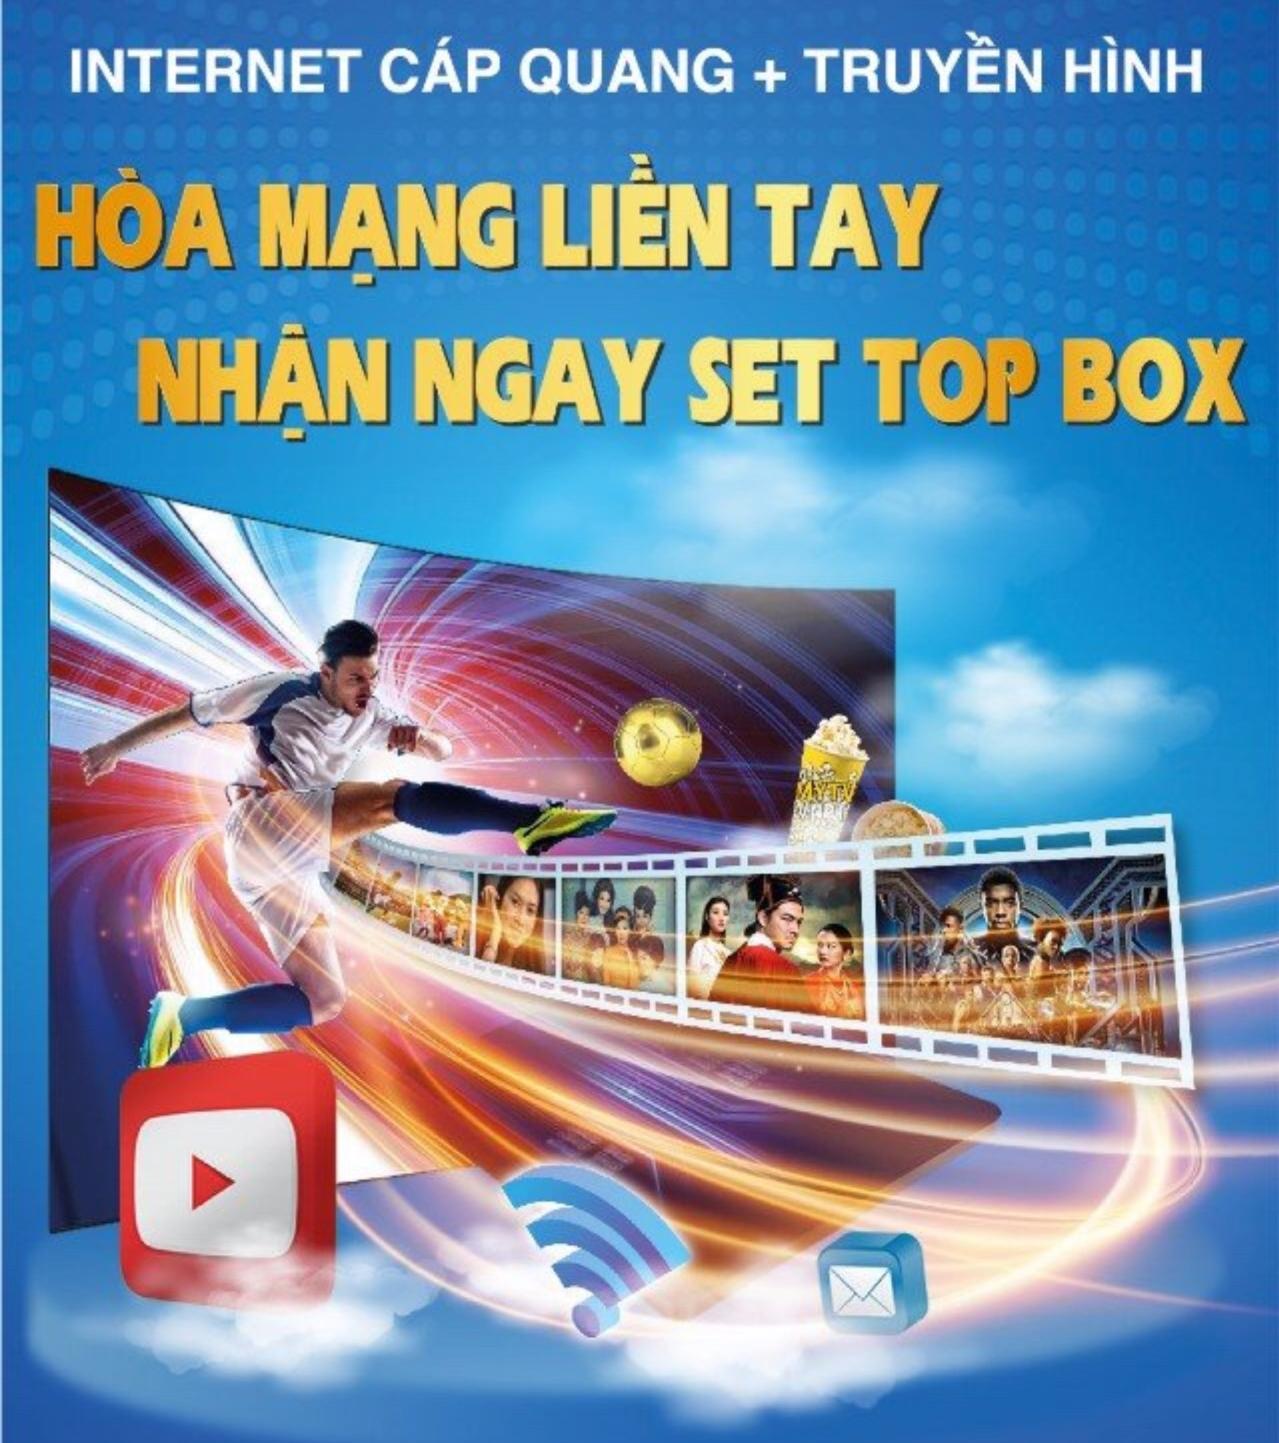 VTVcab Lào Cai khuyến mãi gói combo internet và cáp truyền hình hD